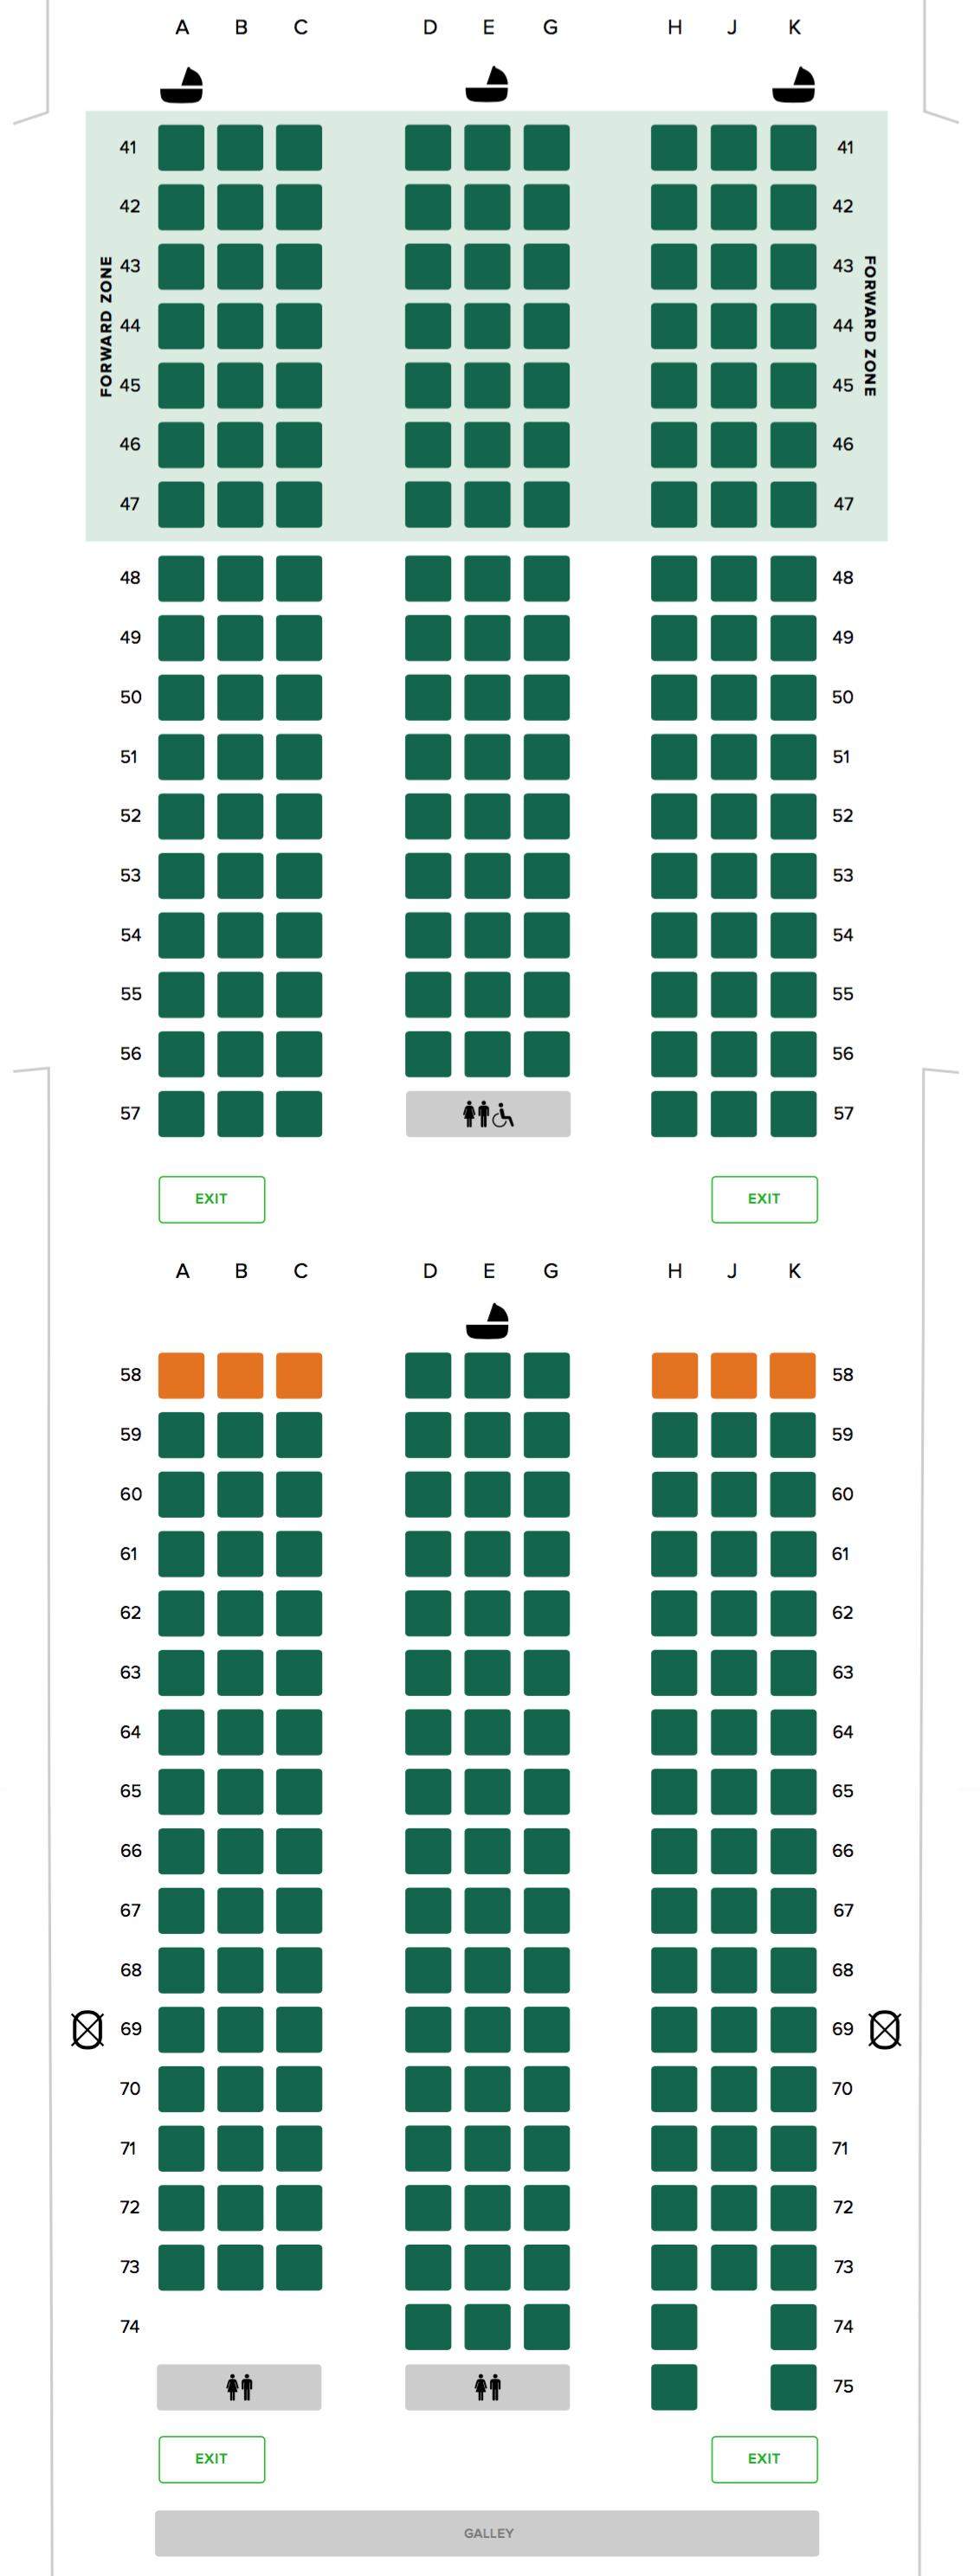 SeatMapY